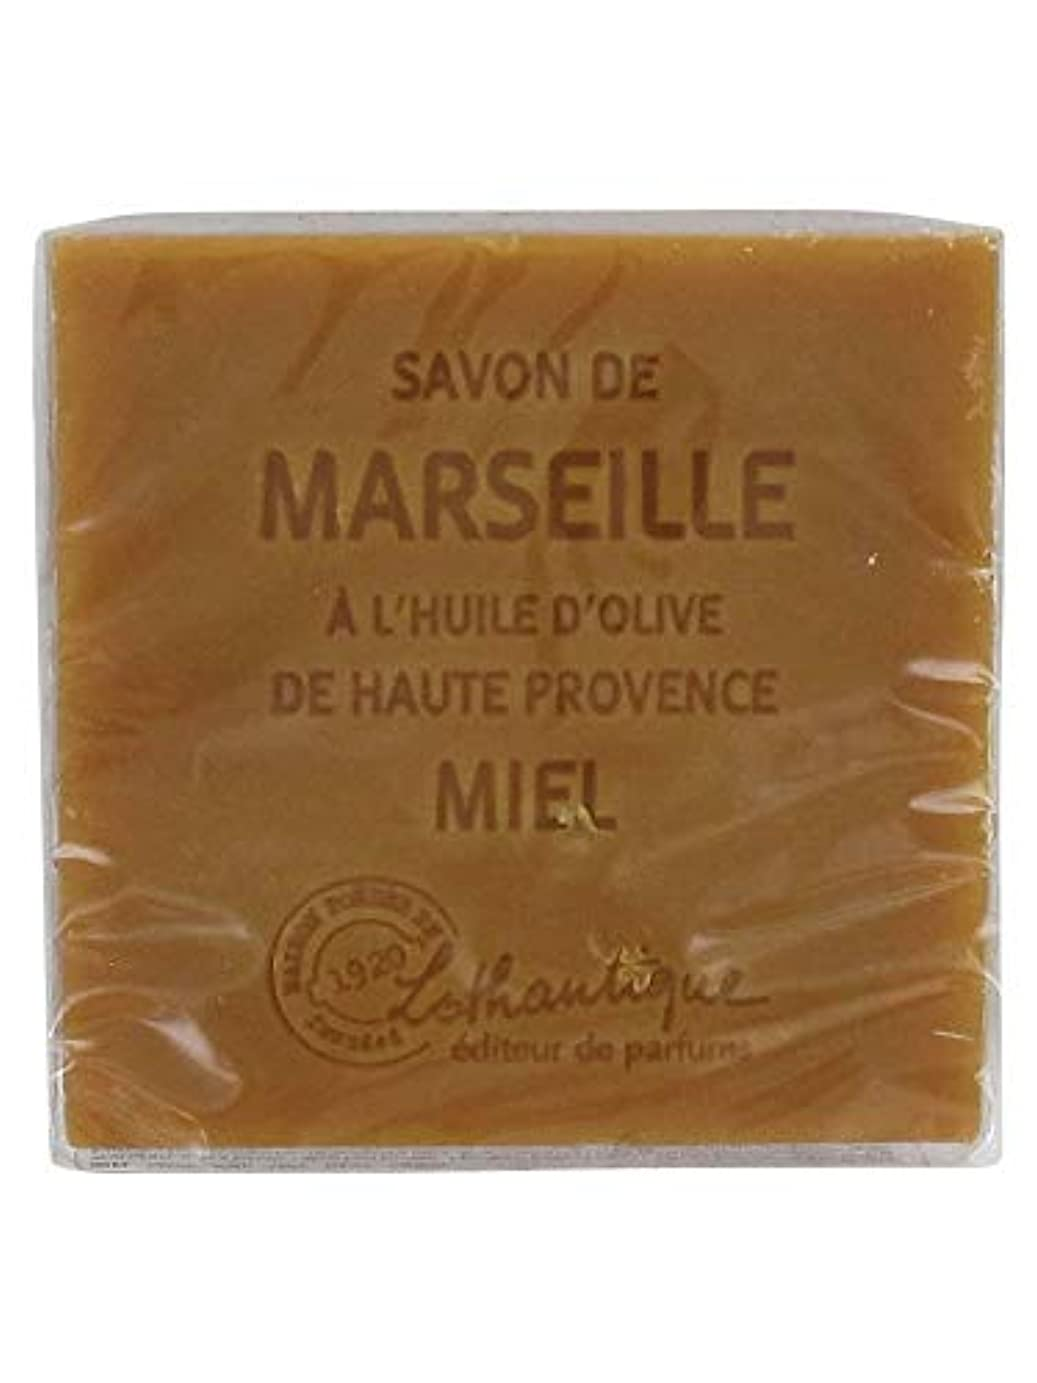 交換故意の危険Lothantique(ロタンティック) Les savons de Marseille(マルセイユソープ) マルセイユソープ 100g 「ハニー」 3420070038074